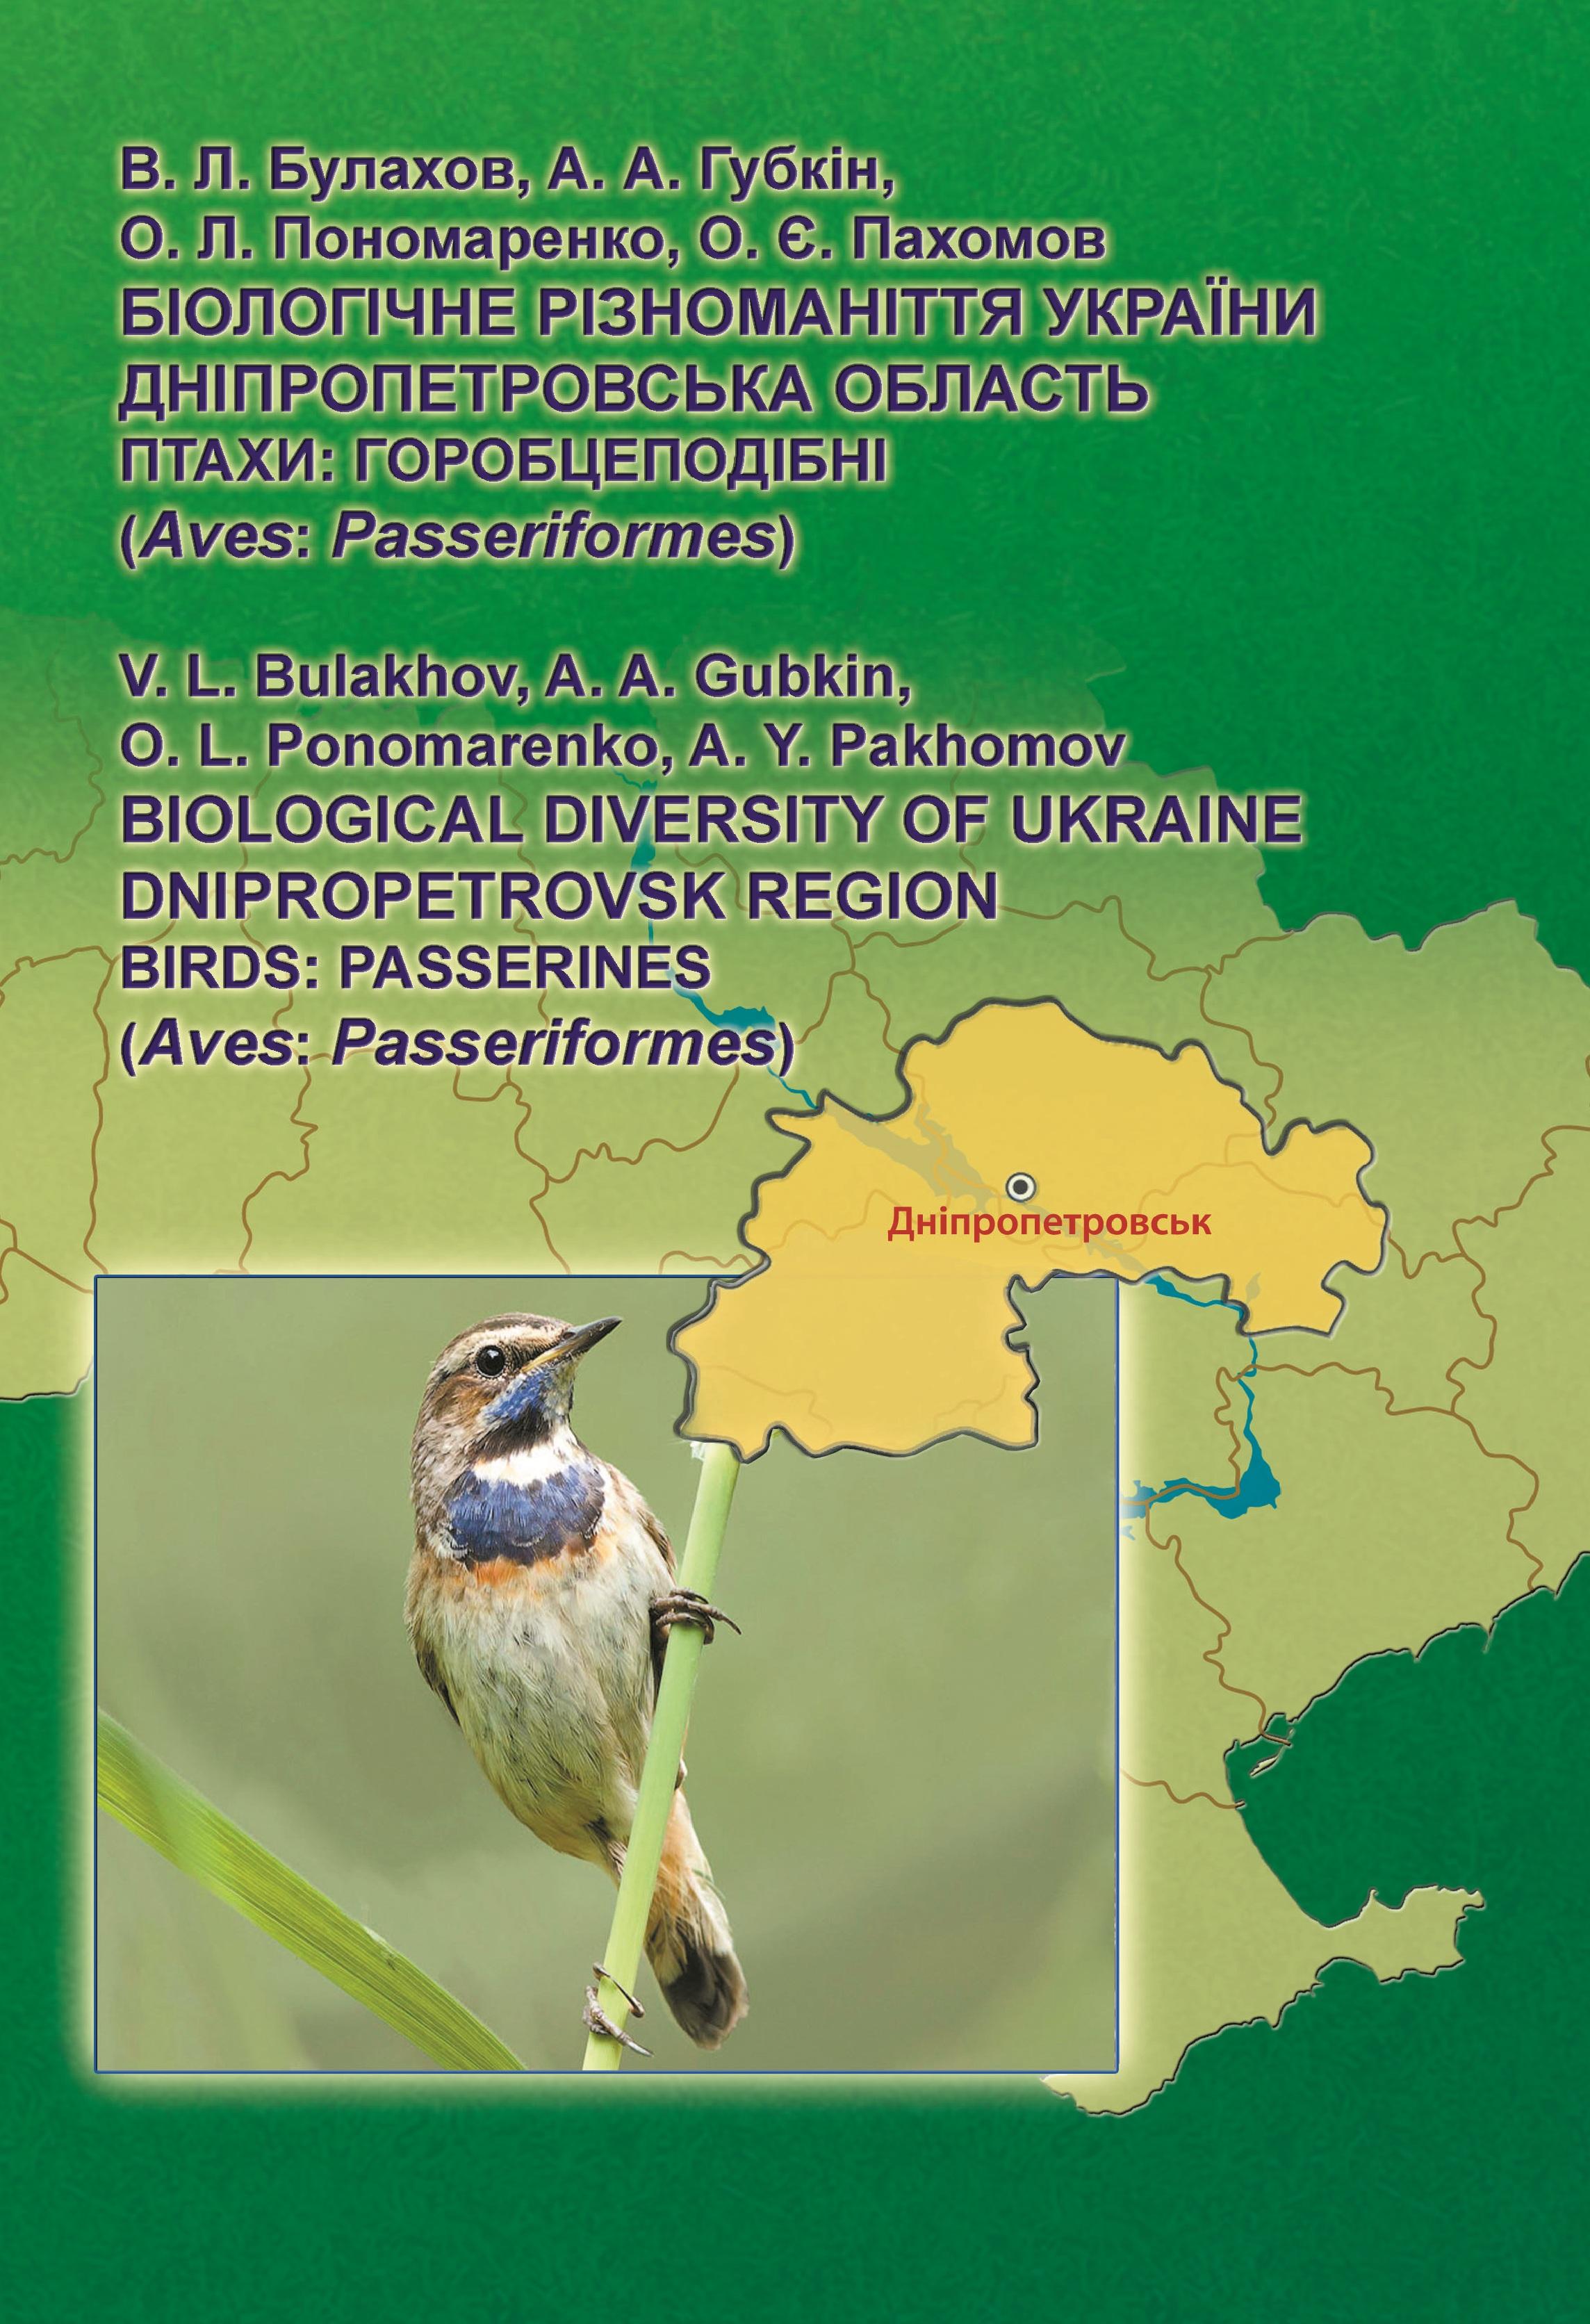 Біологічне різноманіття україни. Дніпропетровська область. Птахи: Горобцеподібні (Aves: Passeriformes). – Дніпропетровськ: Вид-во ДНУ, 2015. – 522 с.